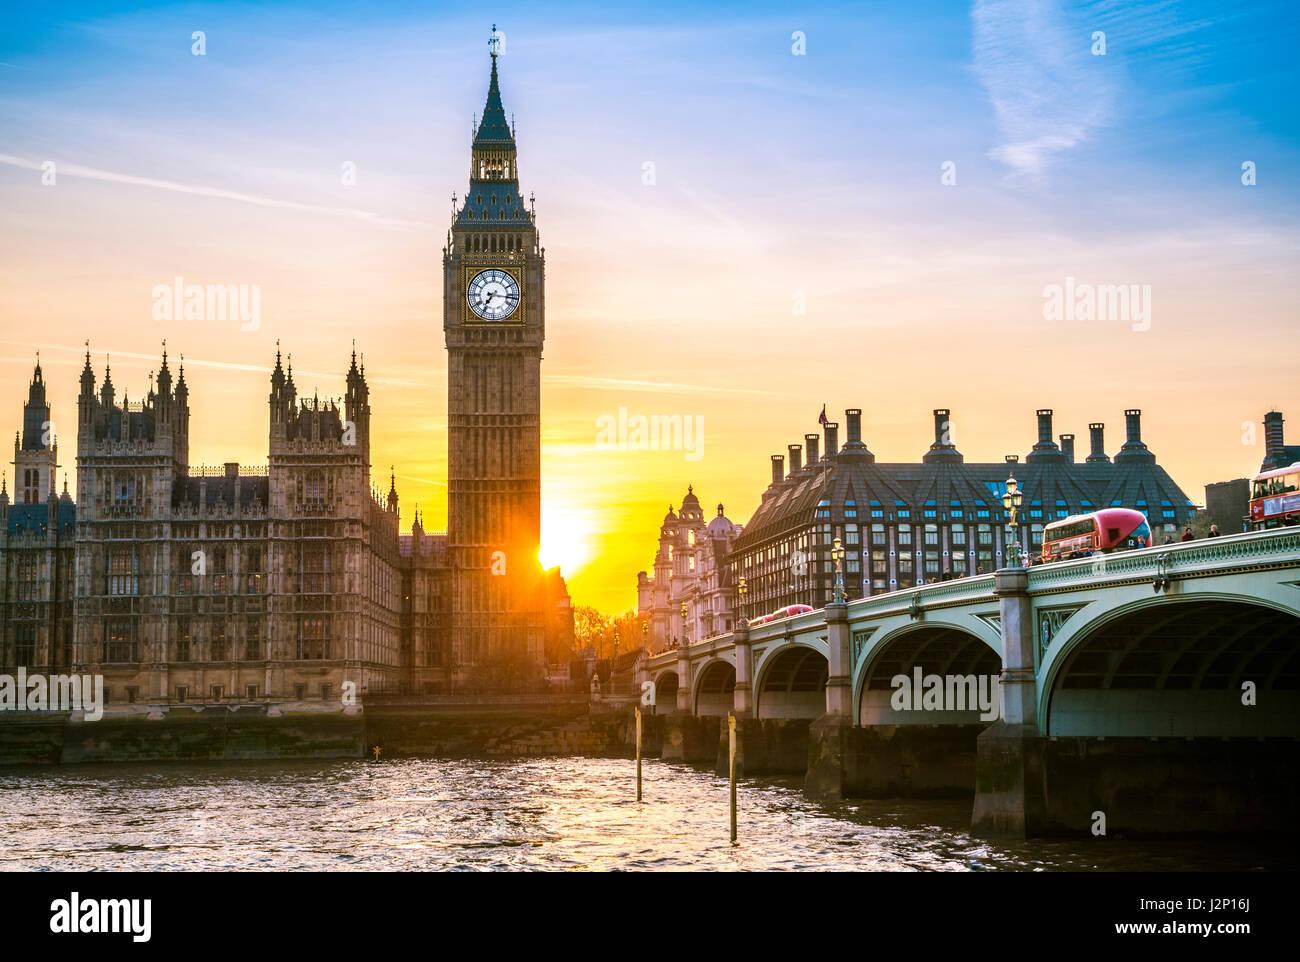 Big Ben retroilluminato, tramonto, la Casa del Parlamento, il Westminster Bridge, Thames, City of Westminster, Londra, Immagini Stock